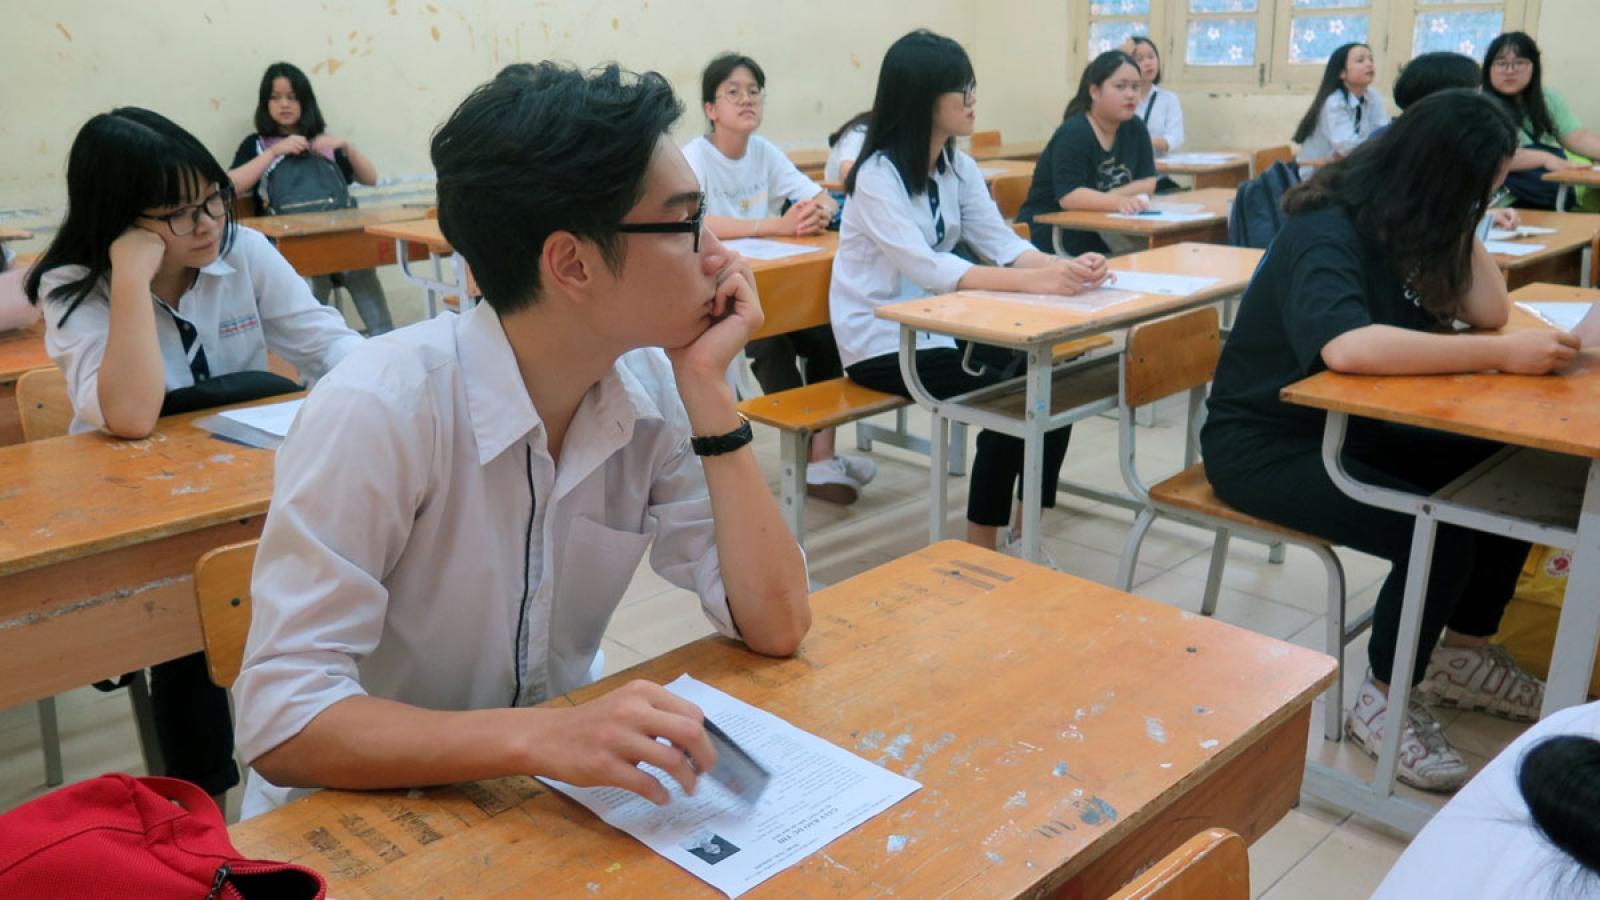 Phổ điểm thi tốt nghiệp THPT đợt 2 môn Giáo dục công dân sẽ không cao như đợt 1